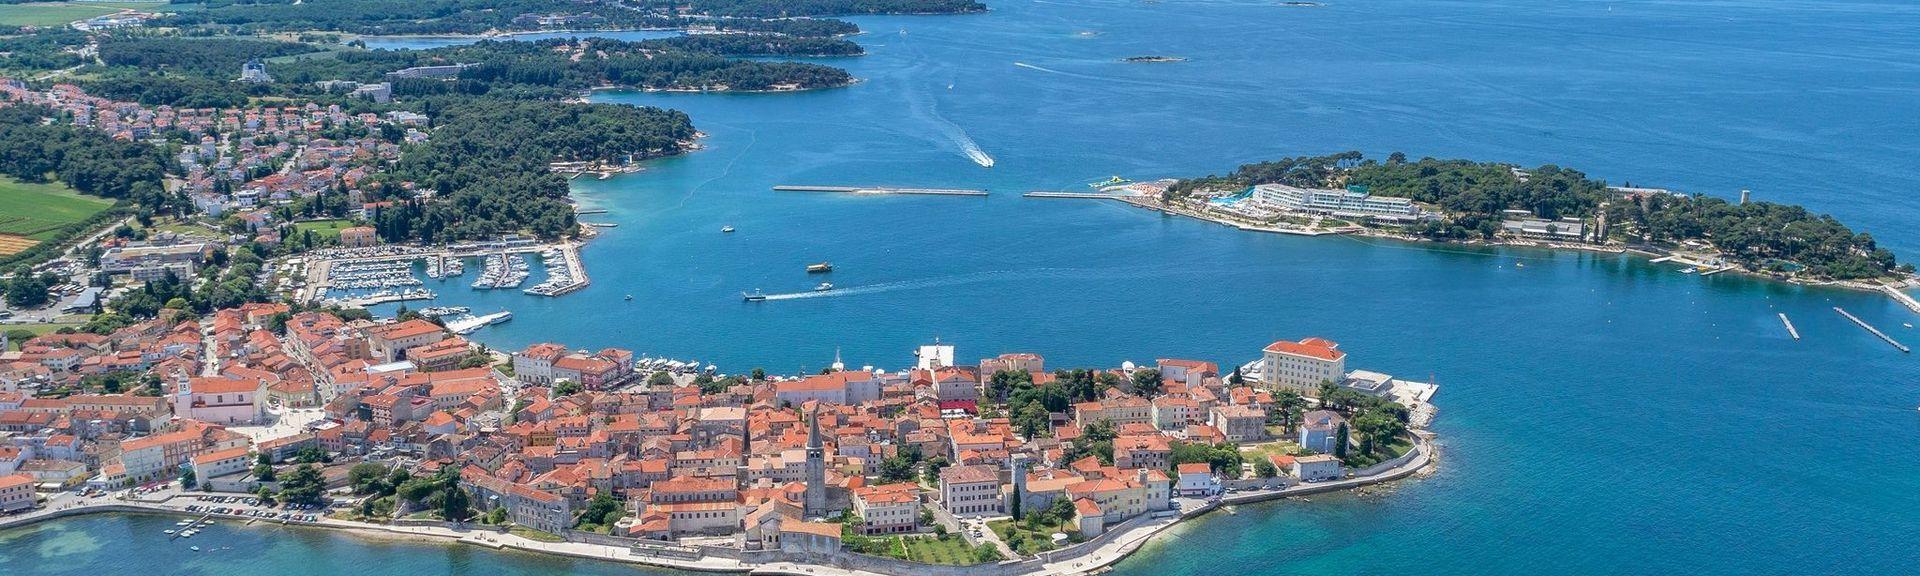 Dajla, Novigrad, Istrien (Bezirk), Kroatien